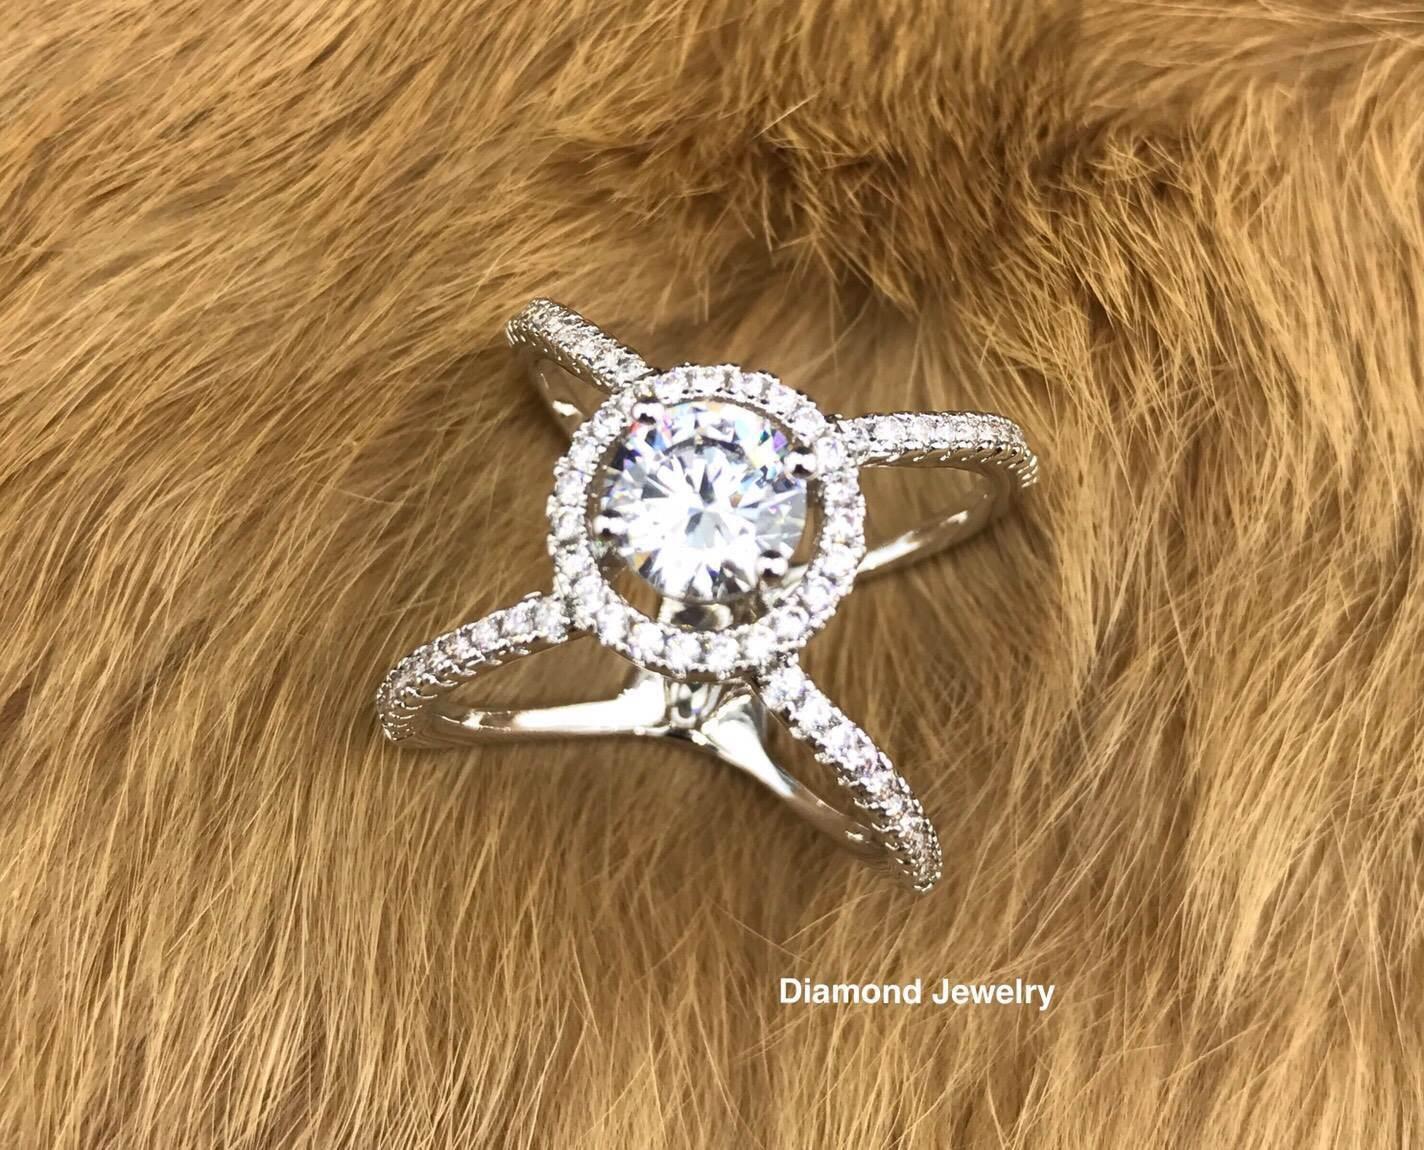 พร้อมส่ง Diamond Ring แหวนเพชร CZ แท้